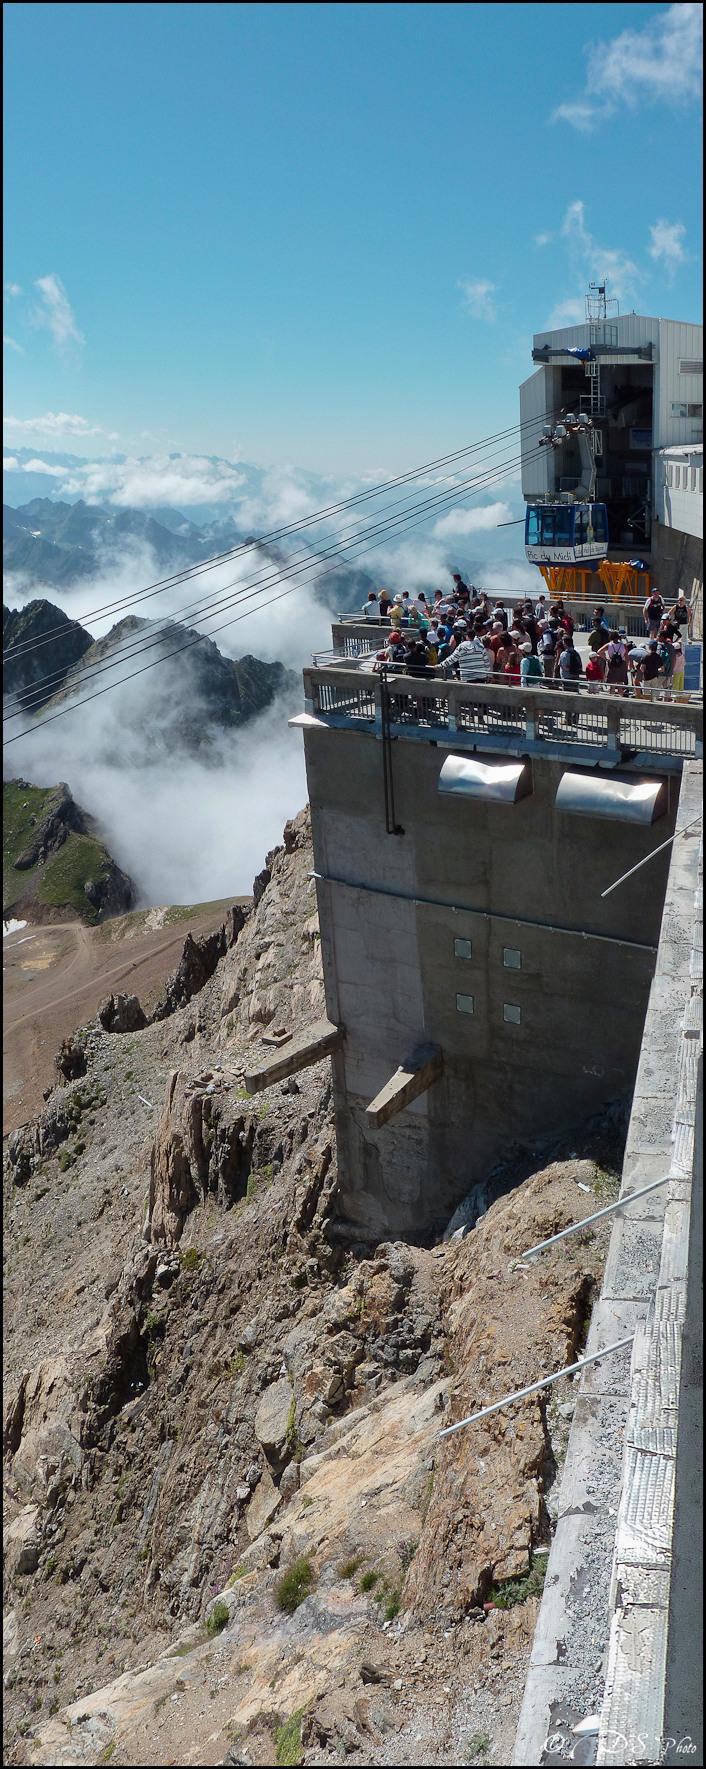 Balade au Pont d'Espagne et Lac de Gaube - Hautes-Pyrénées 1010100207421030086898045